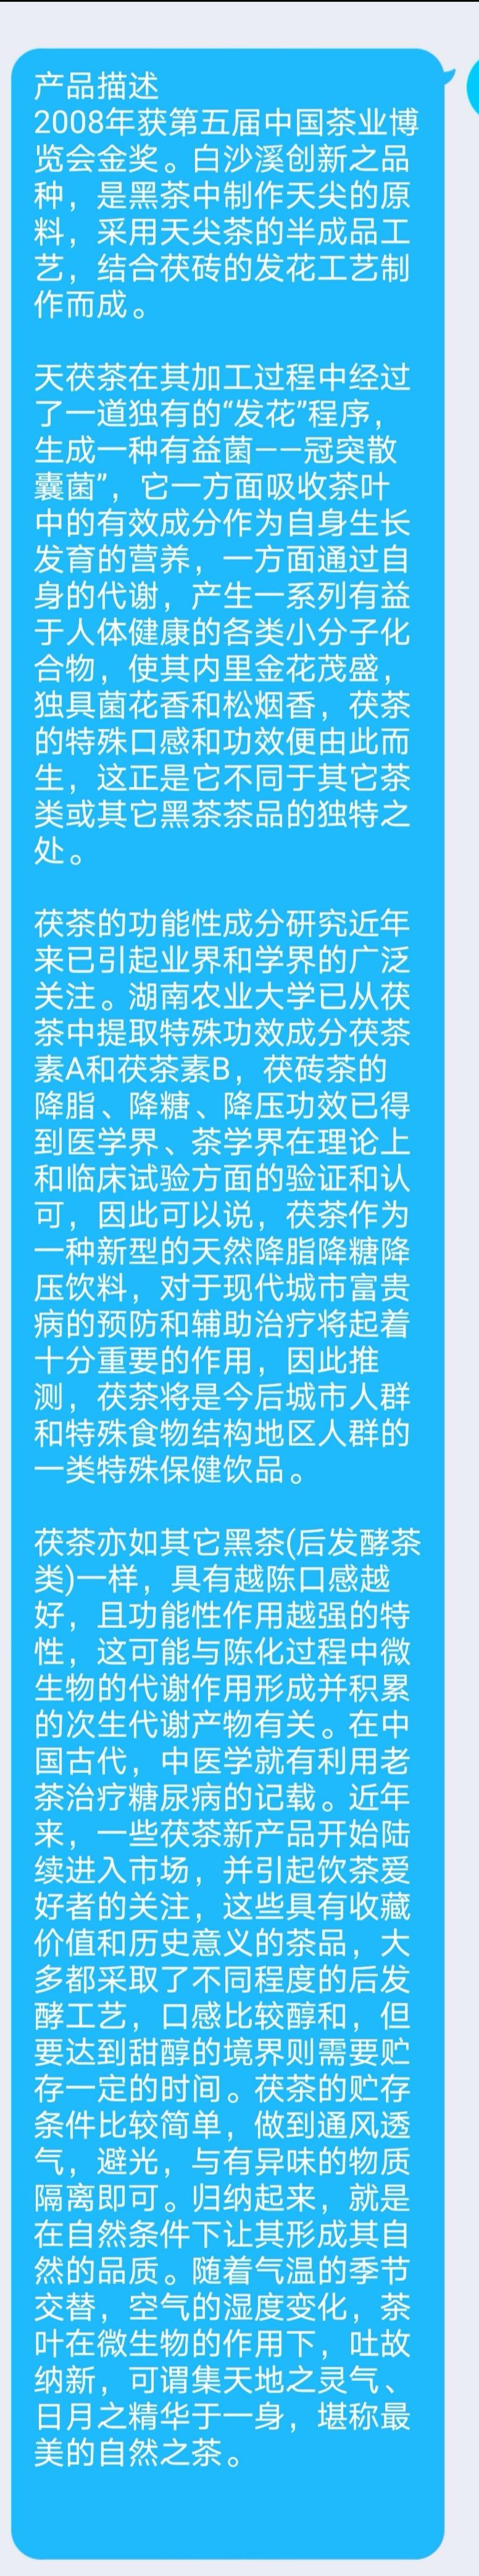 Screenshot_20201101_163339.jpg